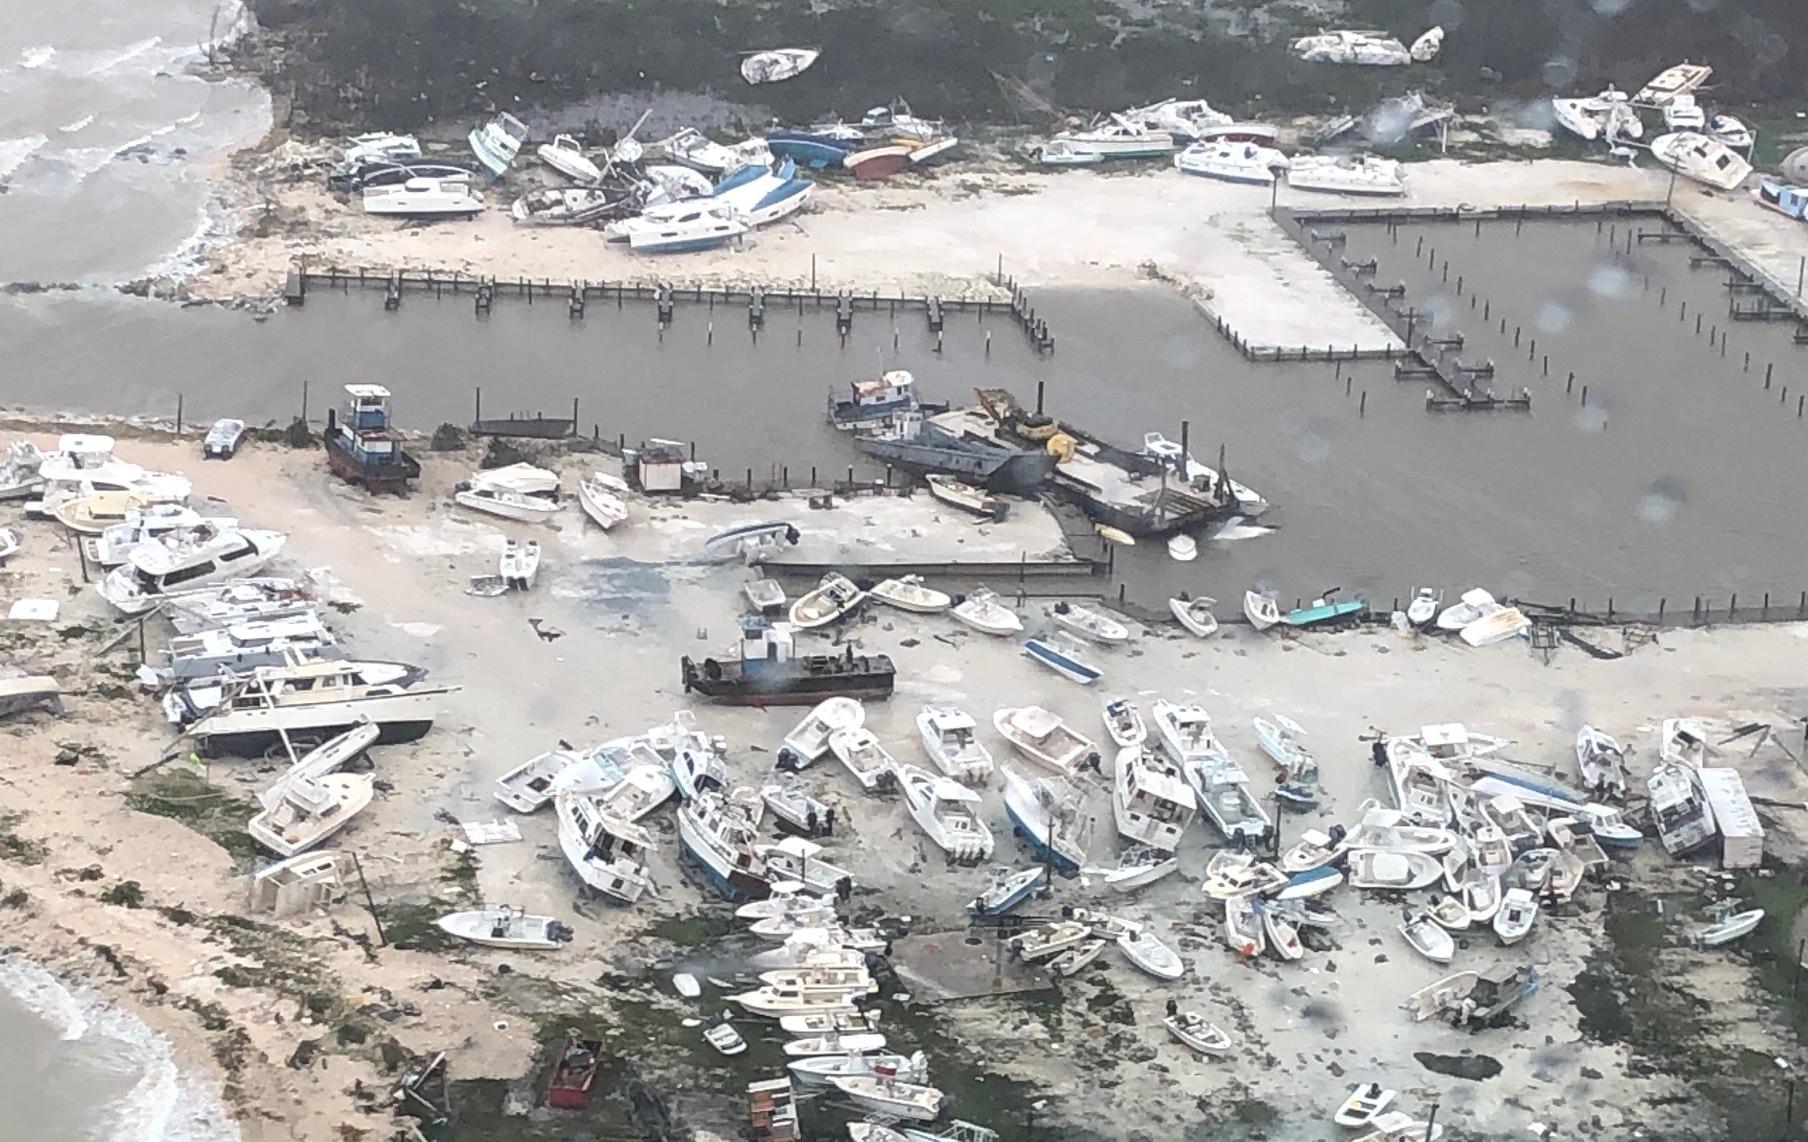 Ødelæggelser på dele af øgruppen Bahamas som følge af orkanen Dorian. Foto: U.S. Coast Guard, Coast Guard Air Station Clearwater.